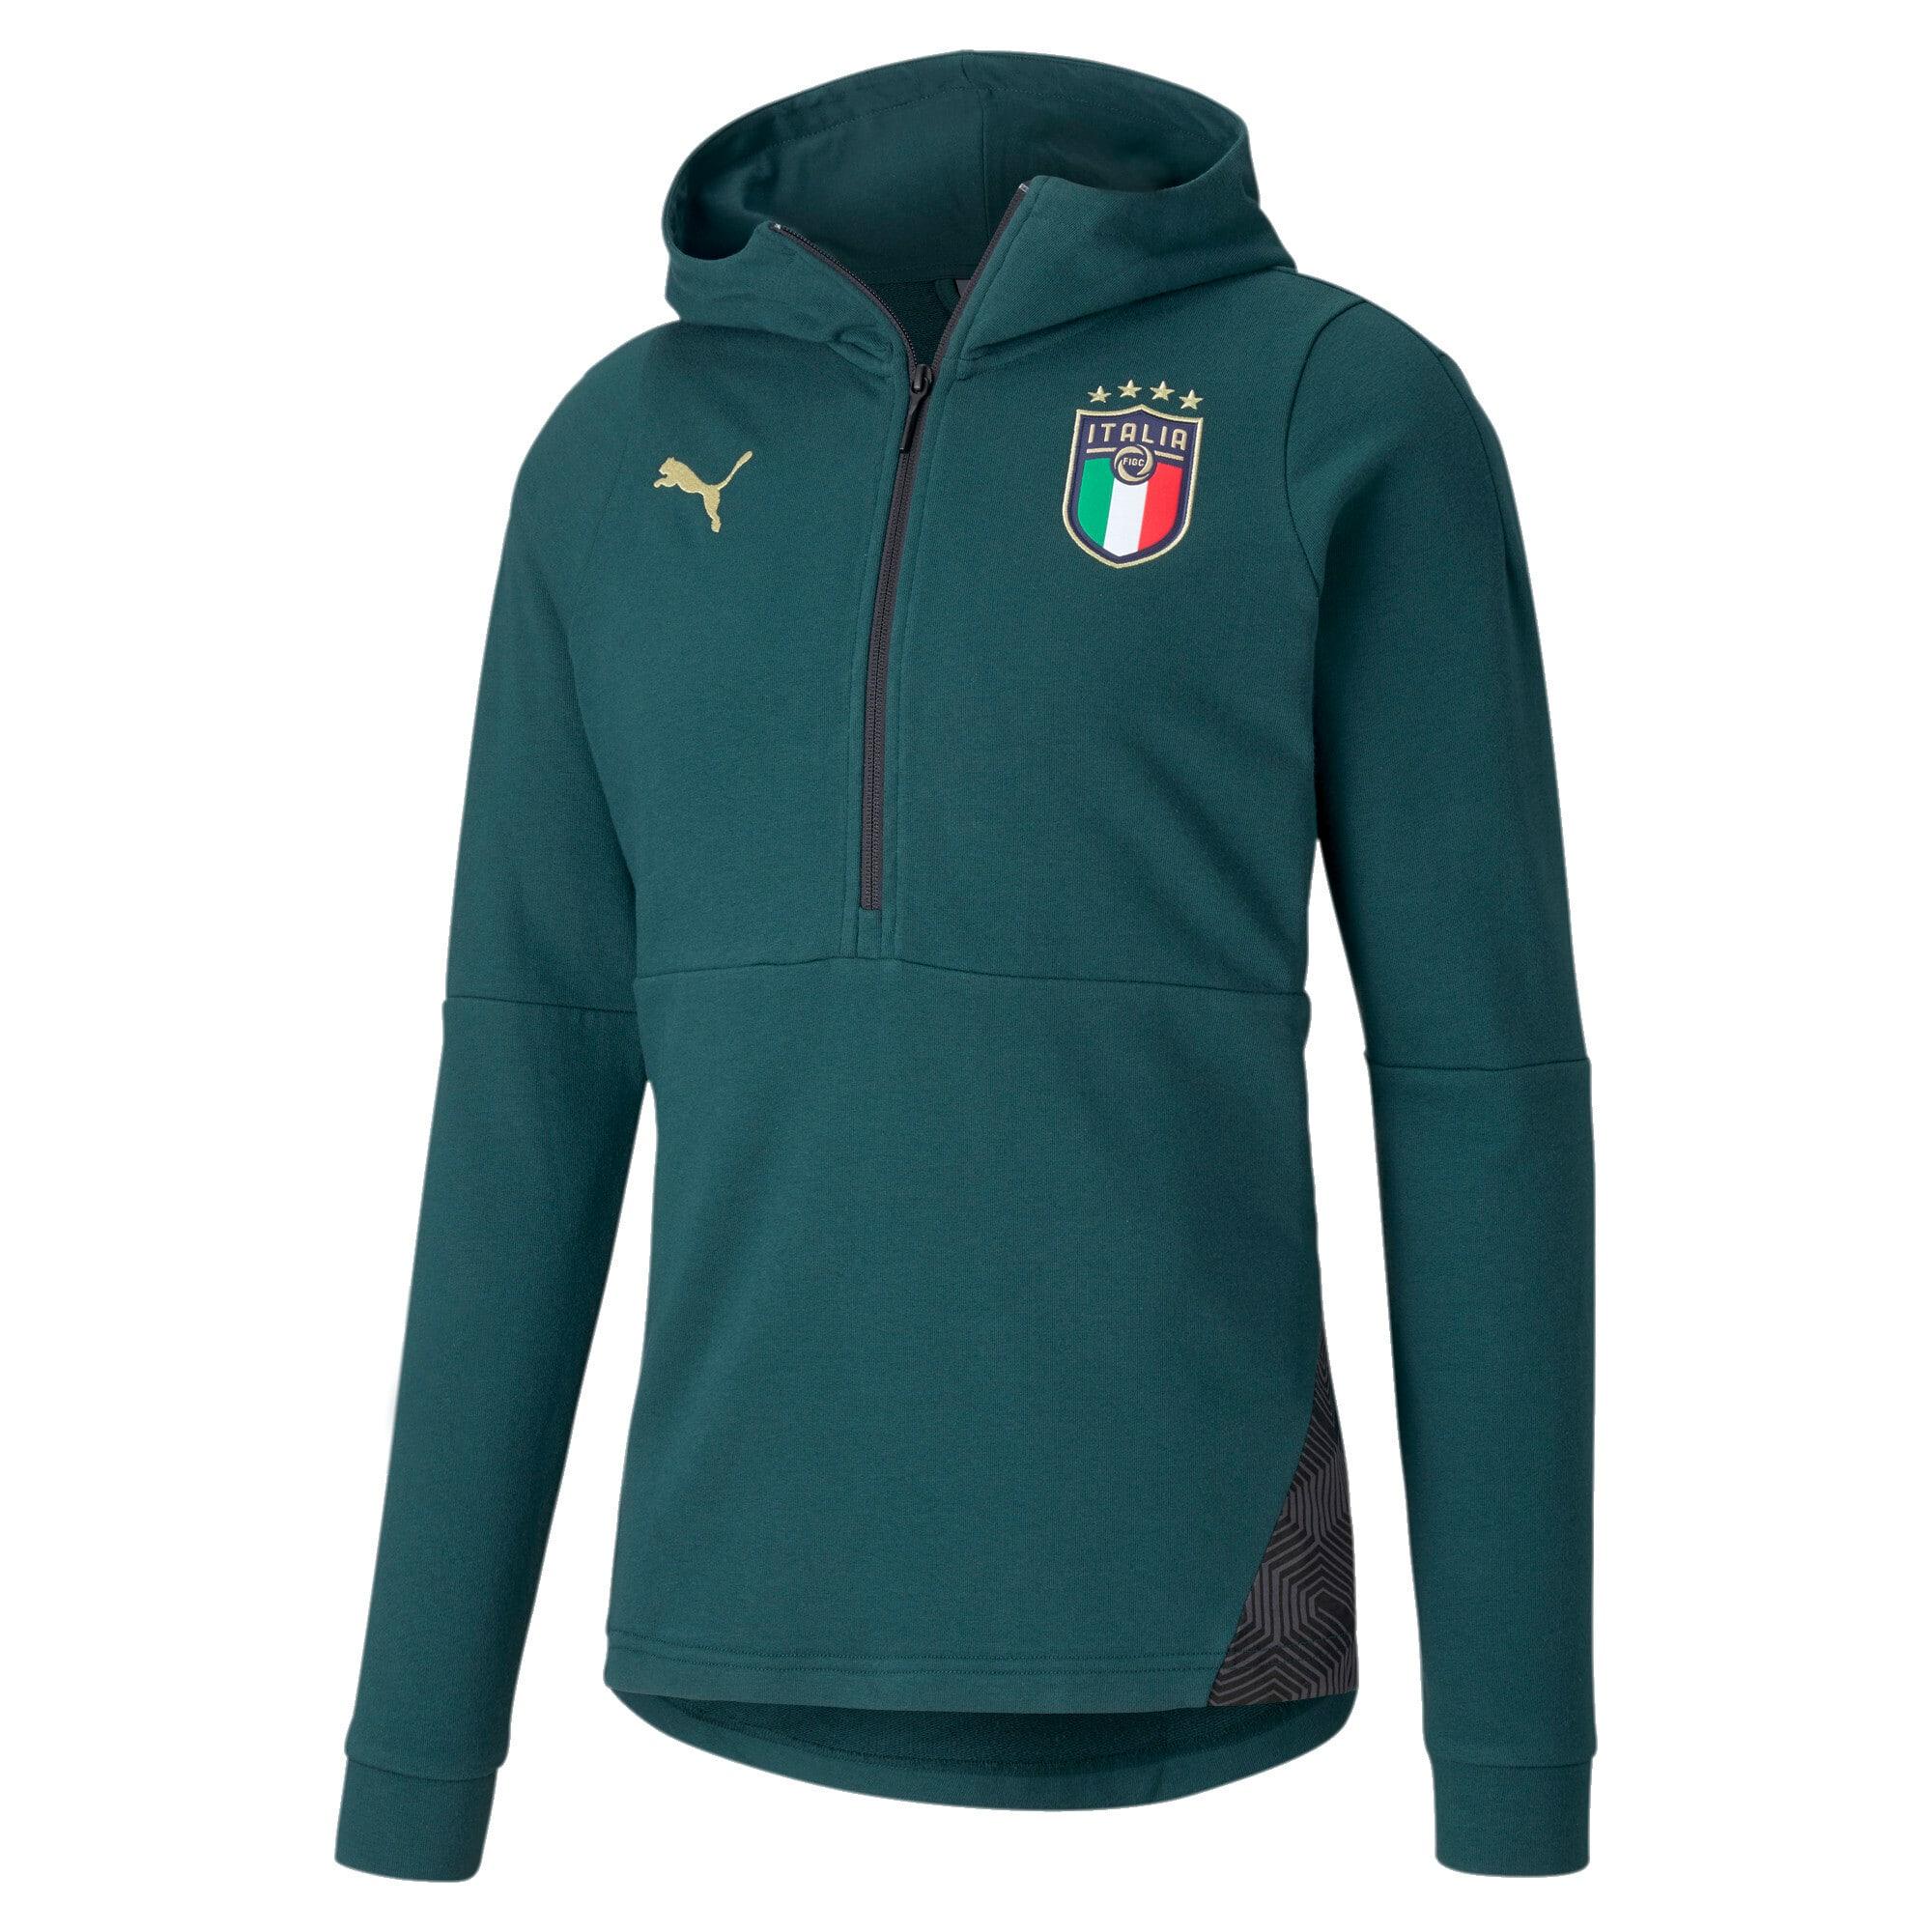 Thumbnail 1 of FIGC イタリア カジュアル フーディー, Ponderosa Pine-Peacoat, medium-JPN